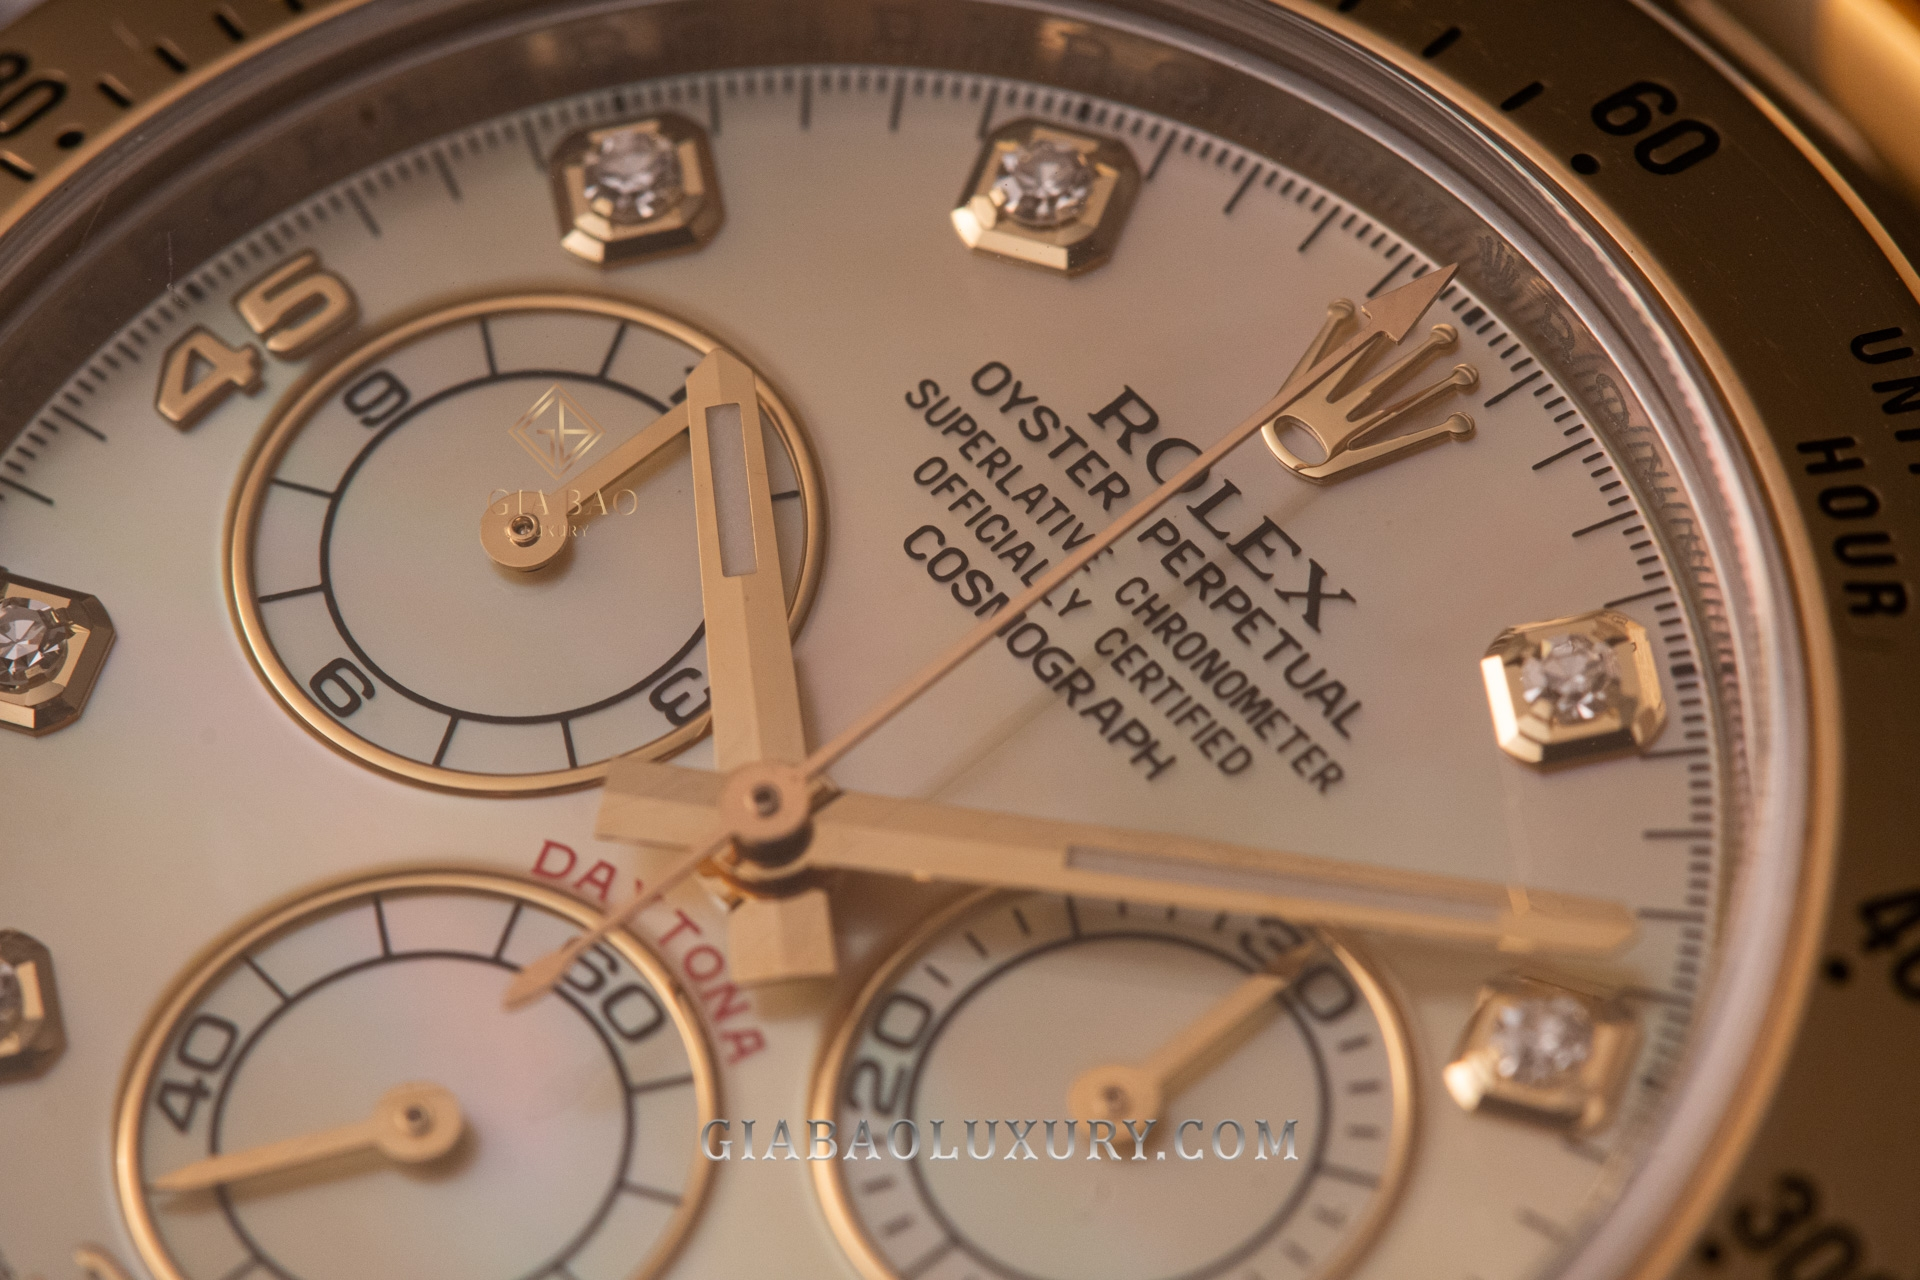 Rolex và biểu tượng vương miện 5 đỉnh - Câu chuyện thực hay chỉ là lời đồn hư cấu